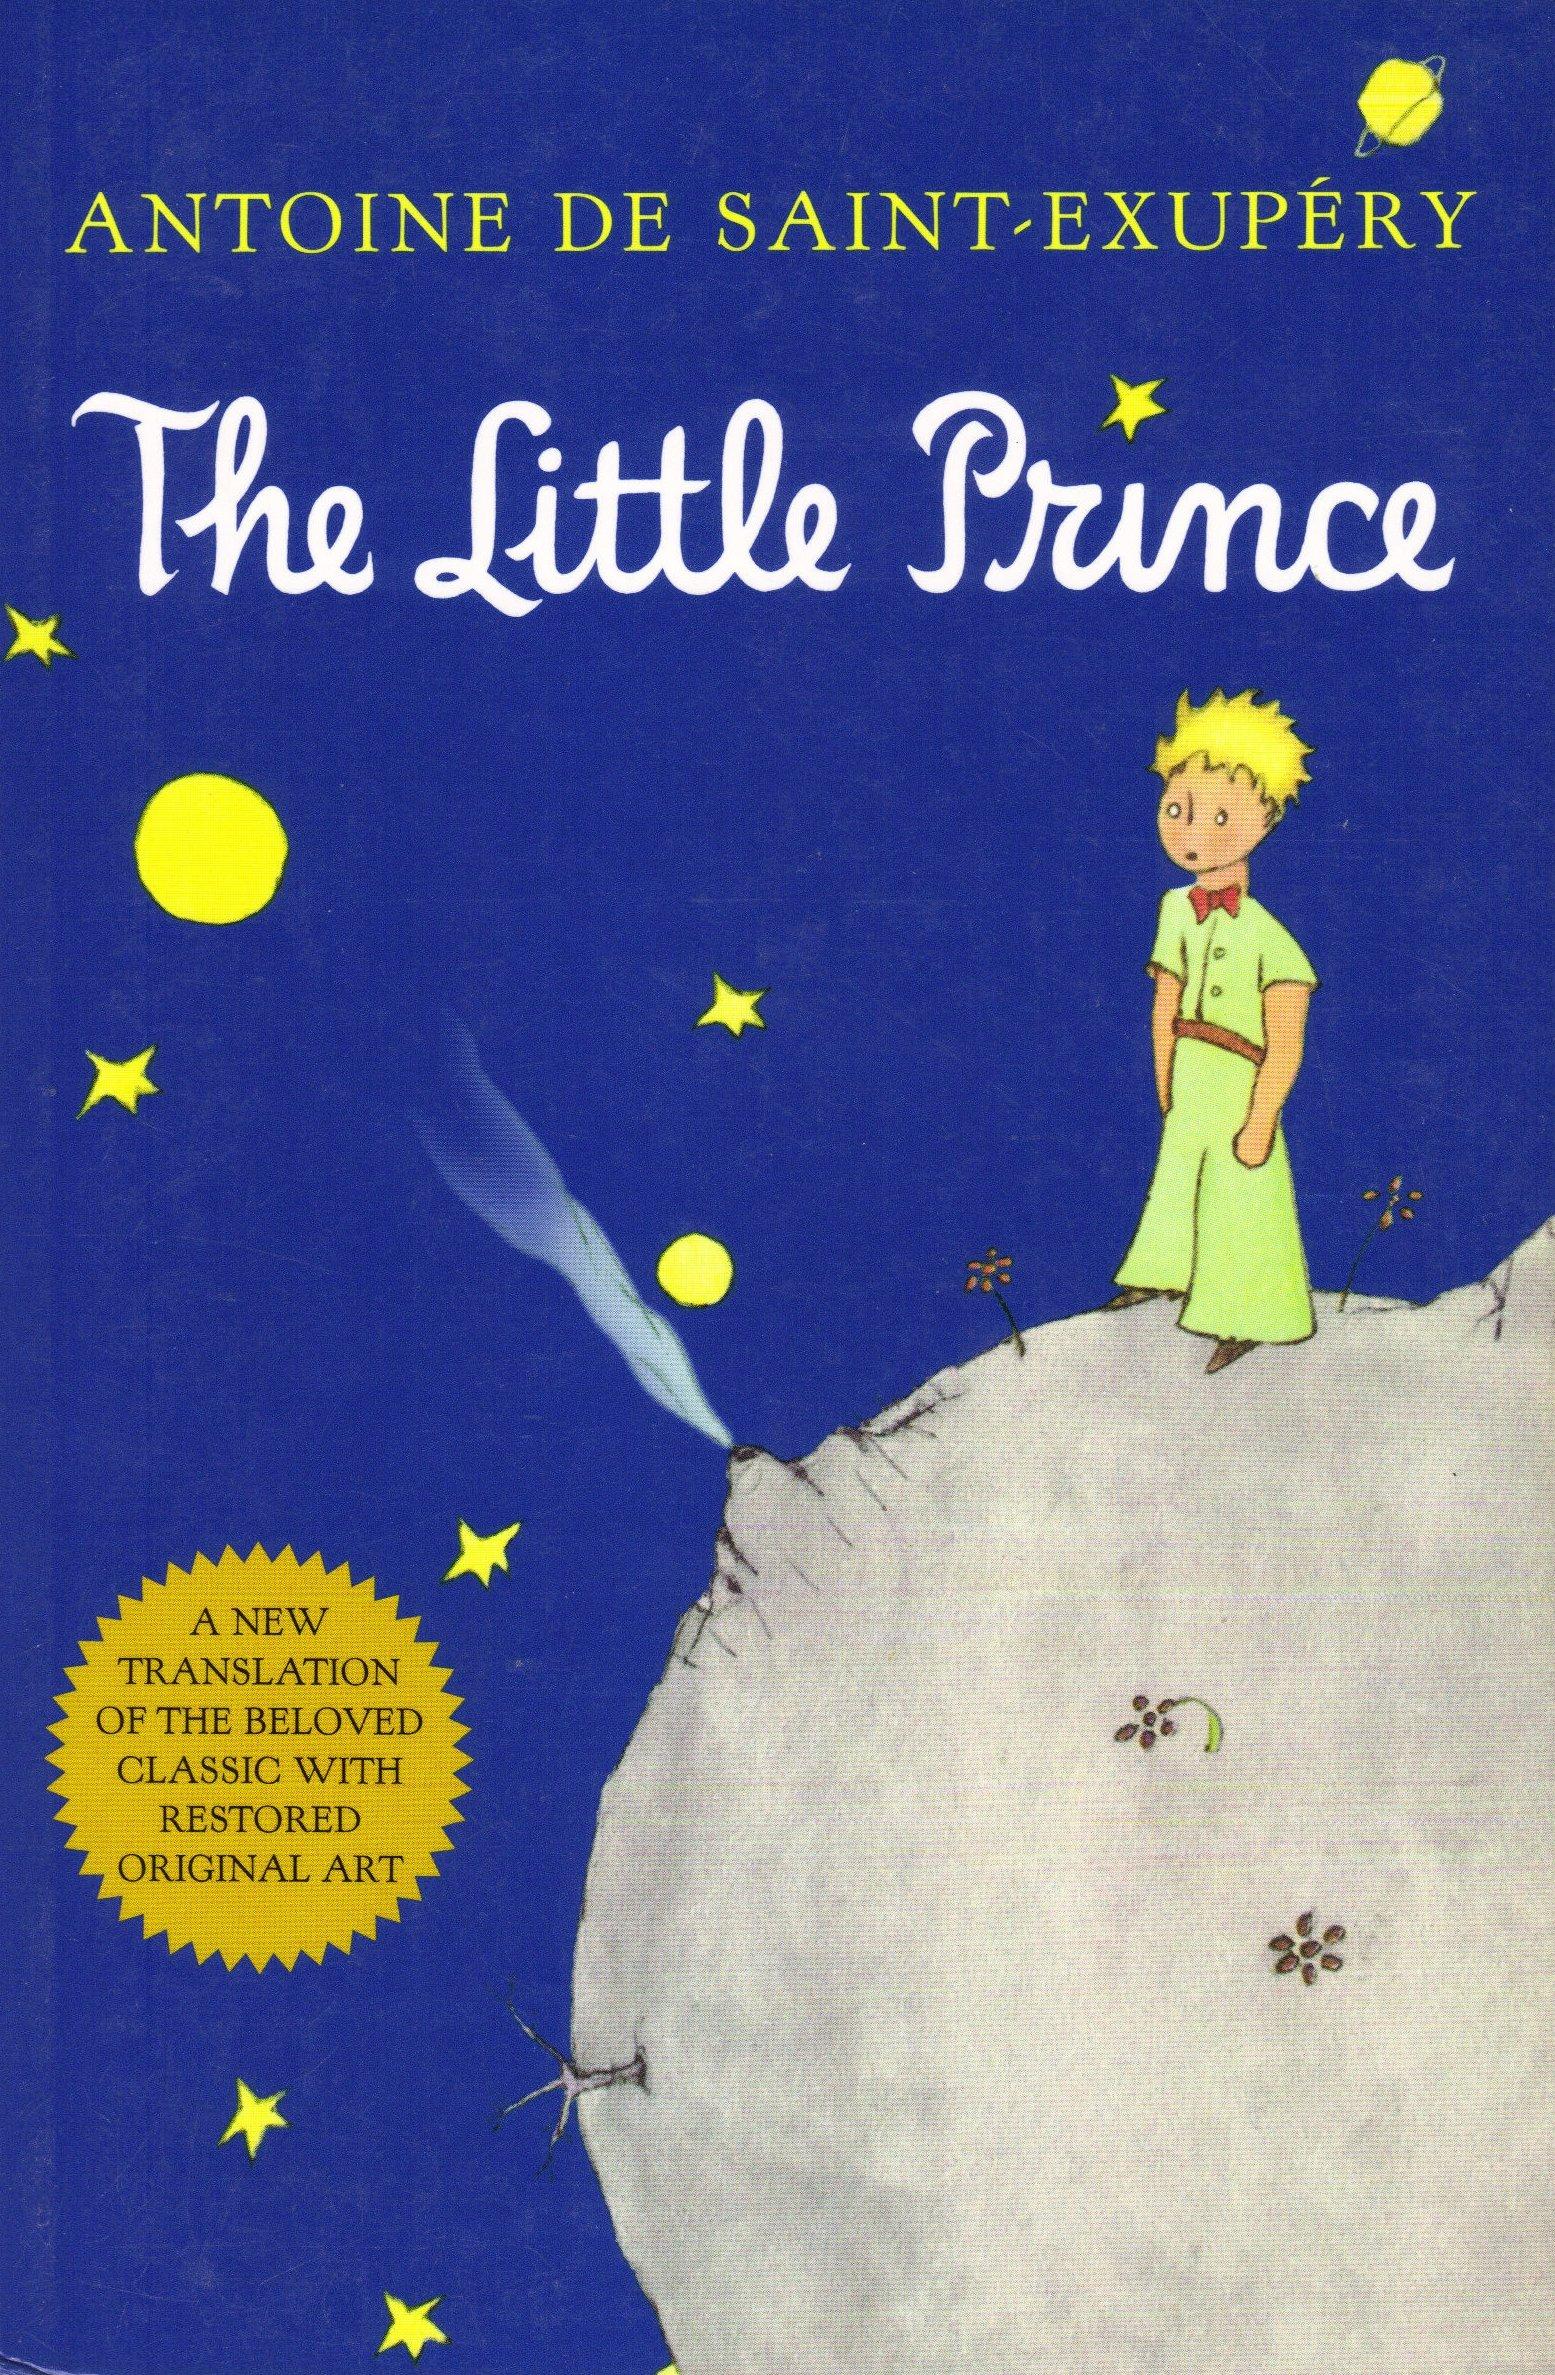 The Little Prince by Antoine de Saint-Exupery | VISTACANAS.COM